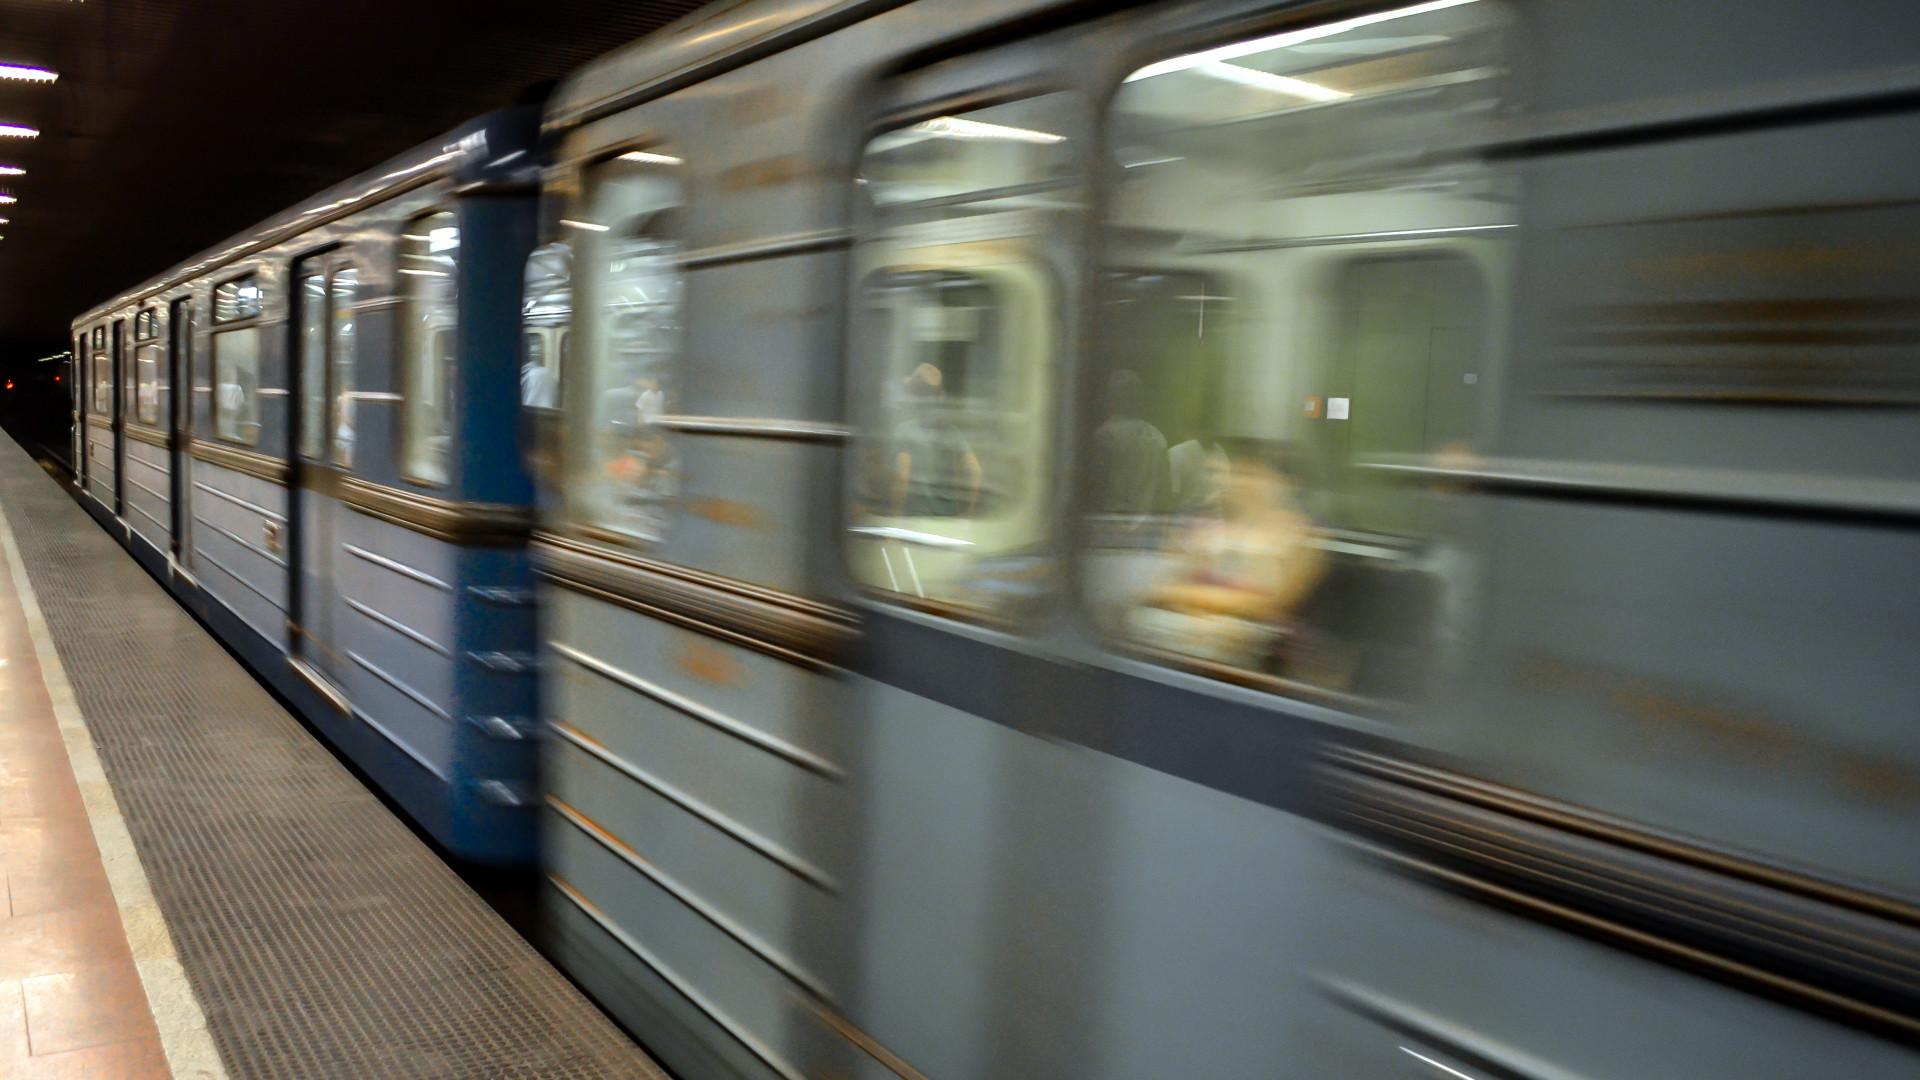 Két és fél év börtönt kapott Moszkvában egy blogger, aki járványpánikot keltett a metróban